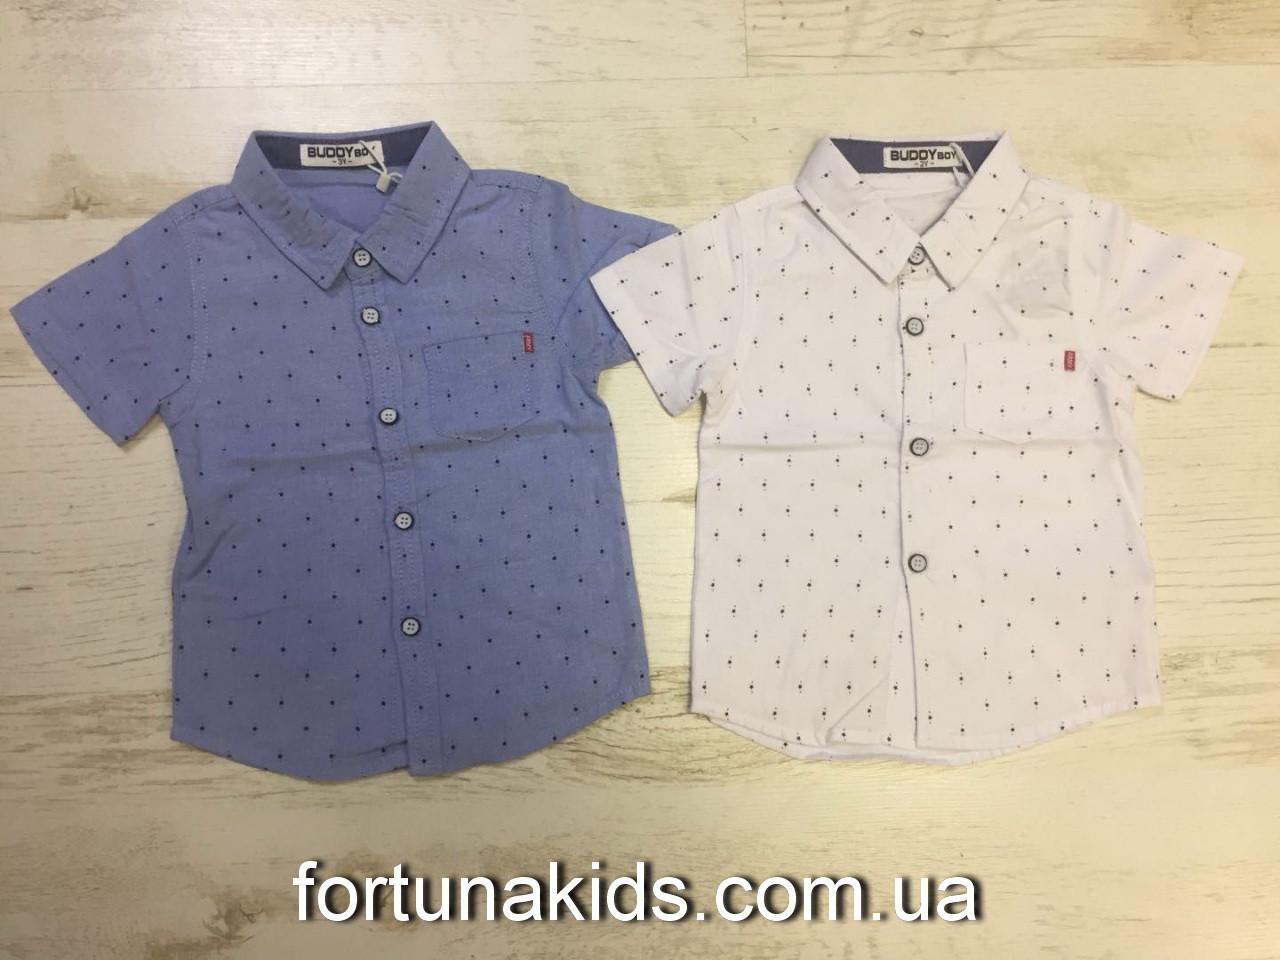 Рубашки для мальчиков Buddy Boy 1-5 лет